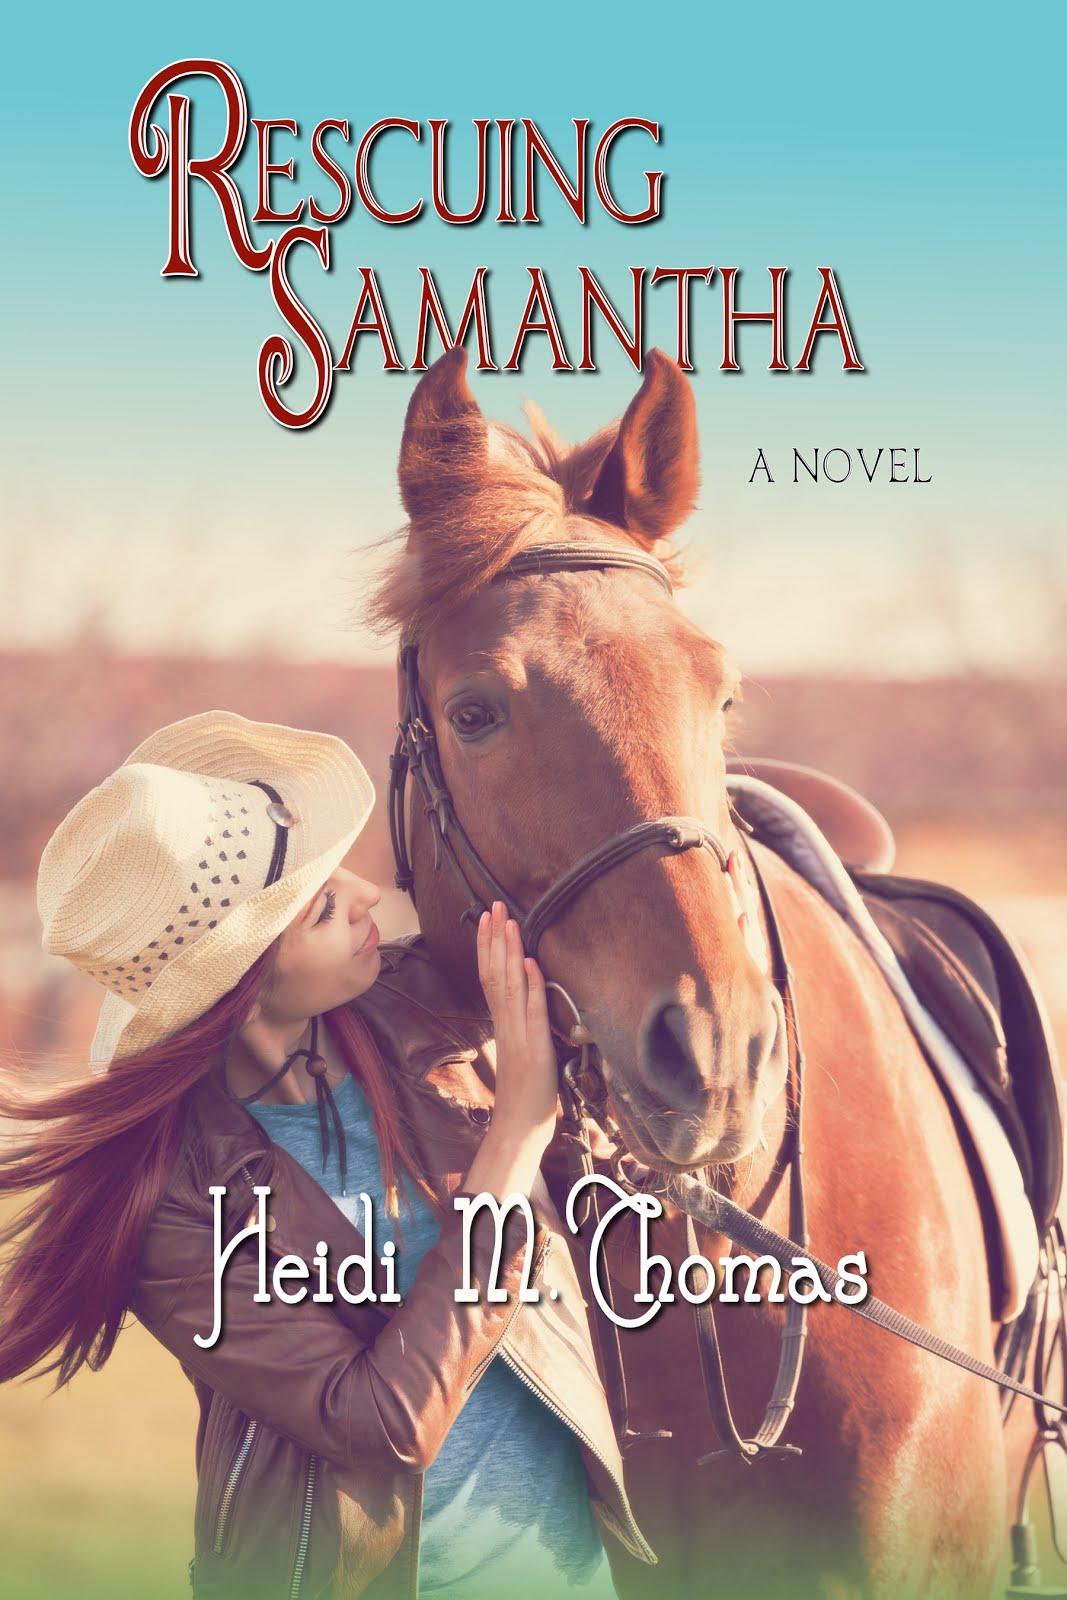 Rescuing Samantha